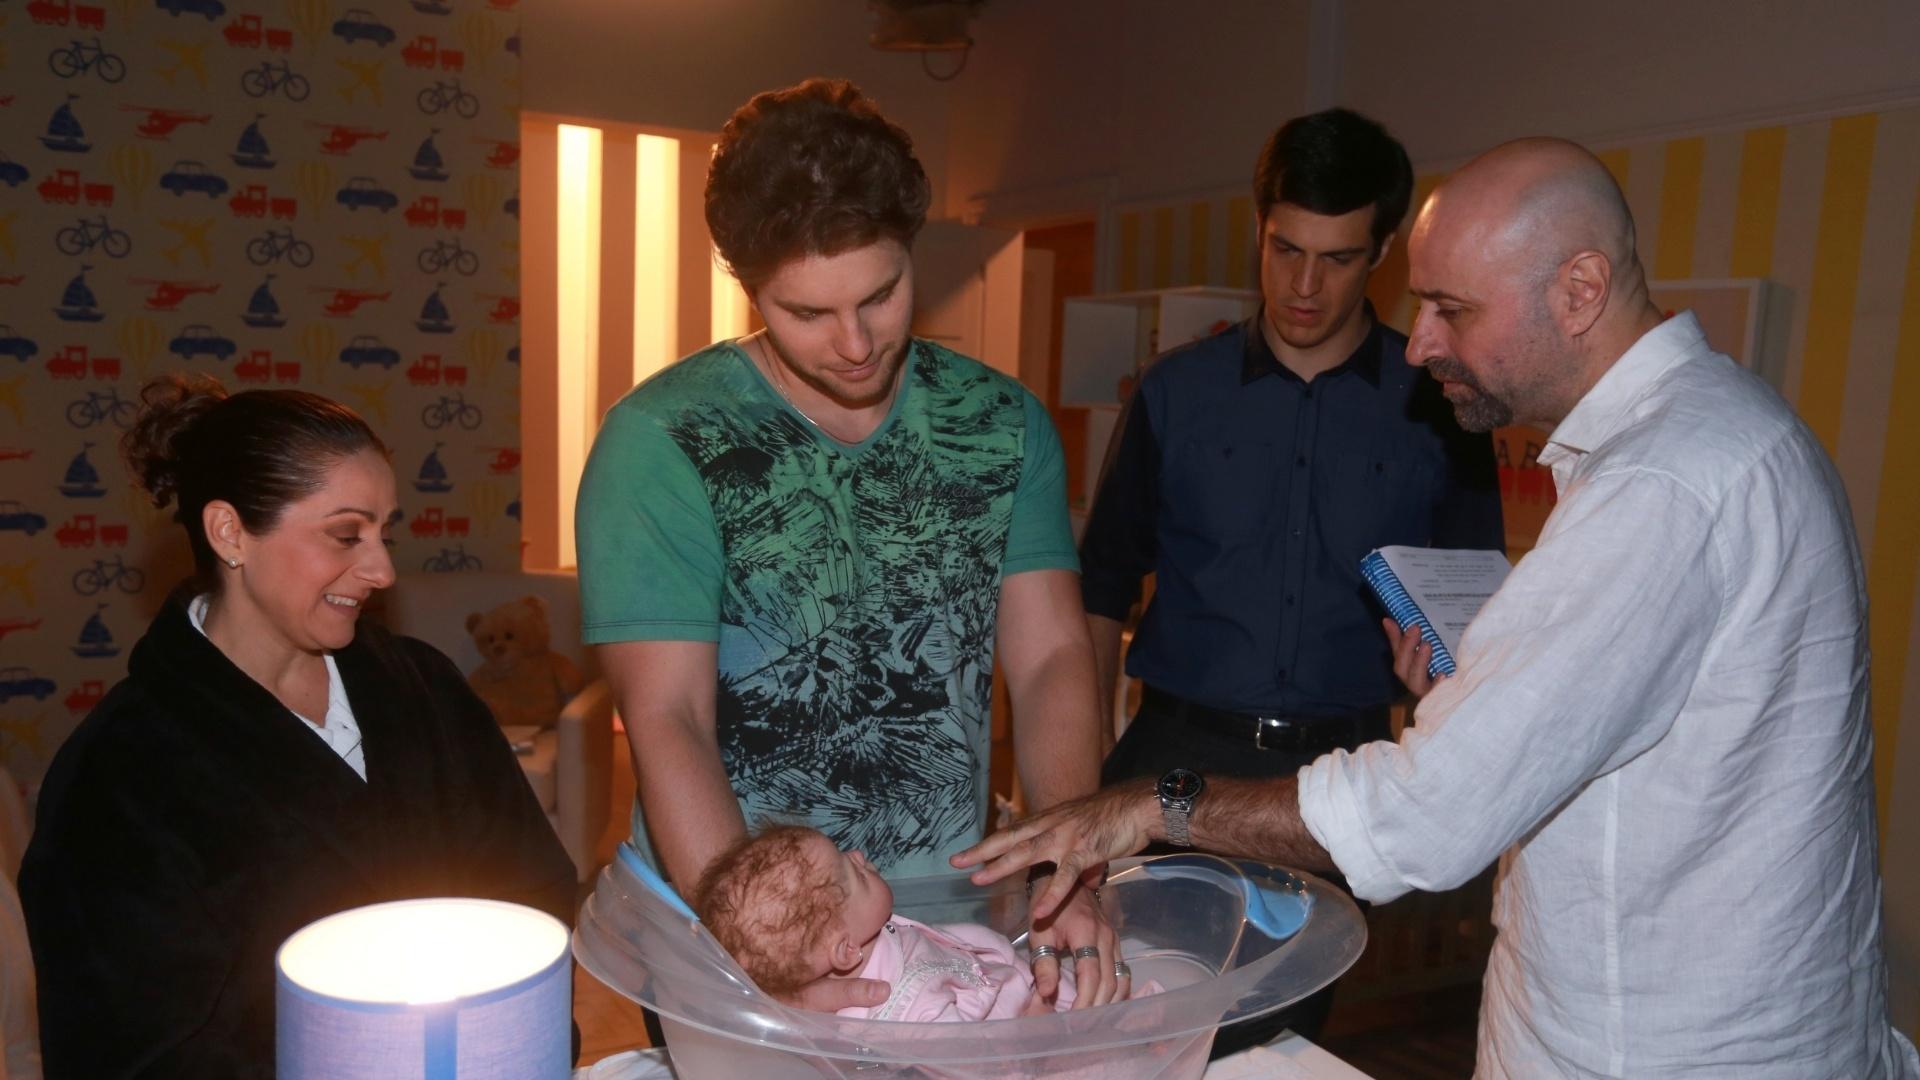 7.jan.2014 - Josie Antello, Thiago Fragoso e Mateus Solano ensaiam, com diretor Mauro Mendonça Filho, cena de banho em boneco que representa o bebê Fabrício, de